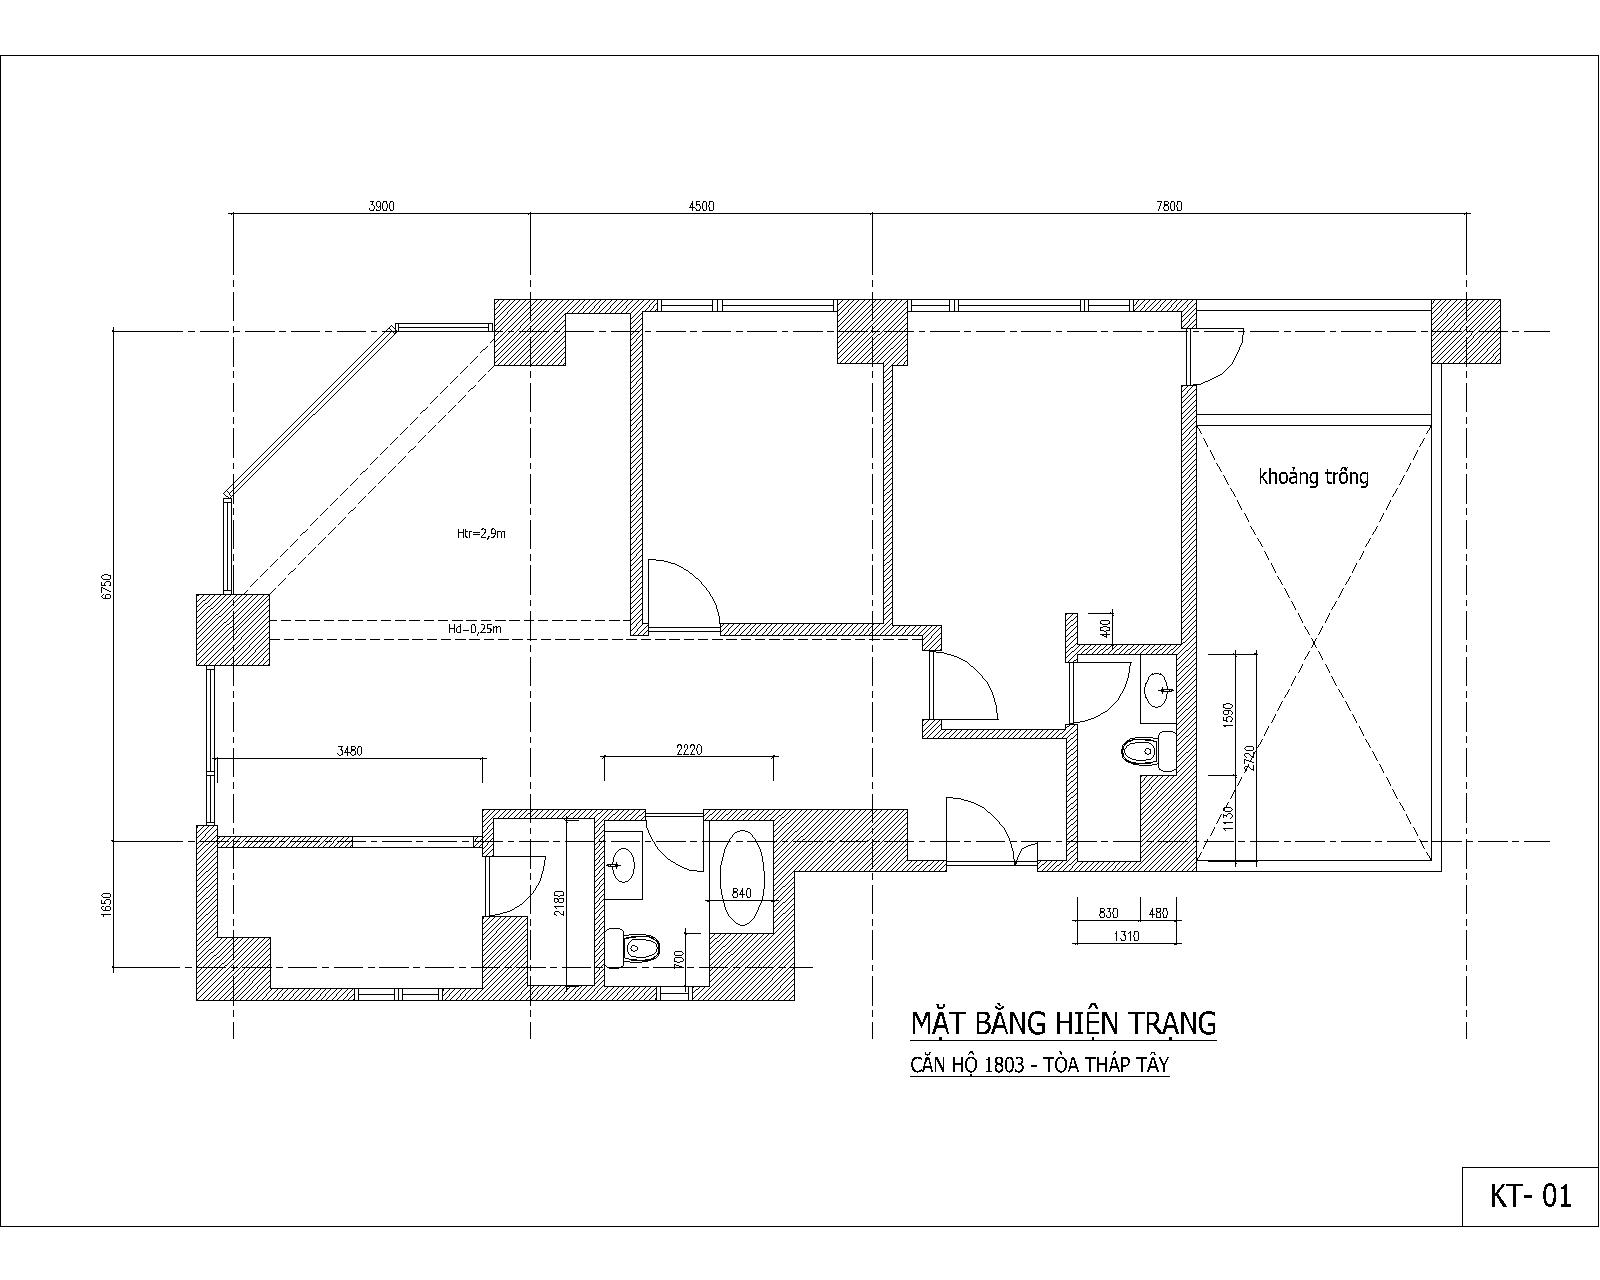 Cải tạo nội thất chung cư - Làng Quốc tế Thăng long - MB hiện trạng